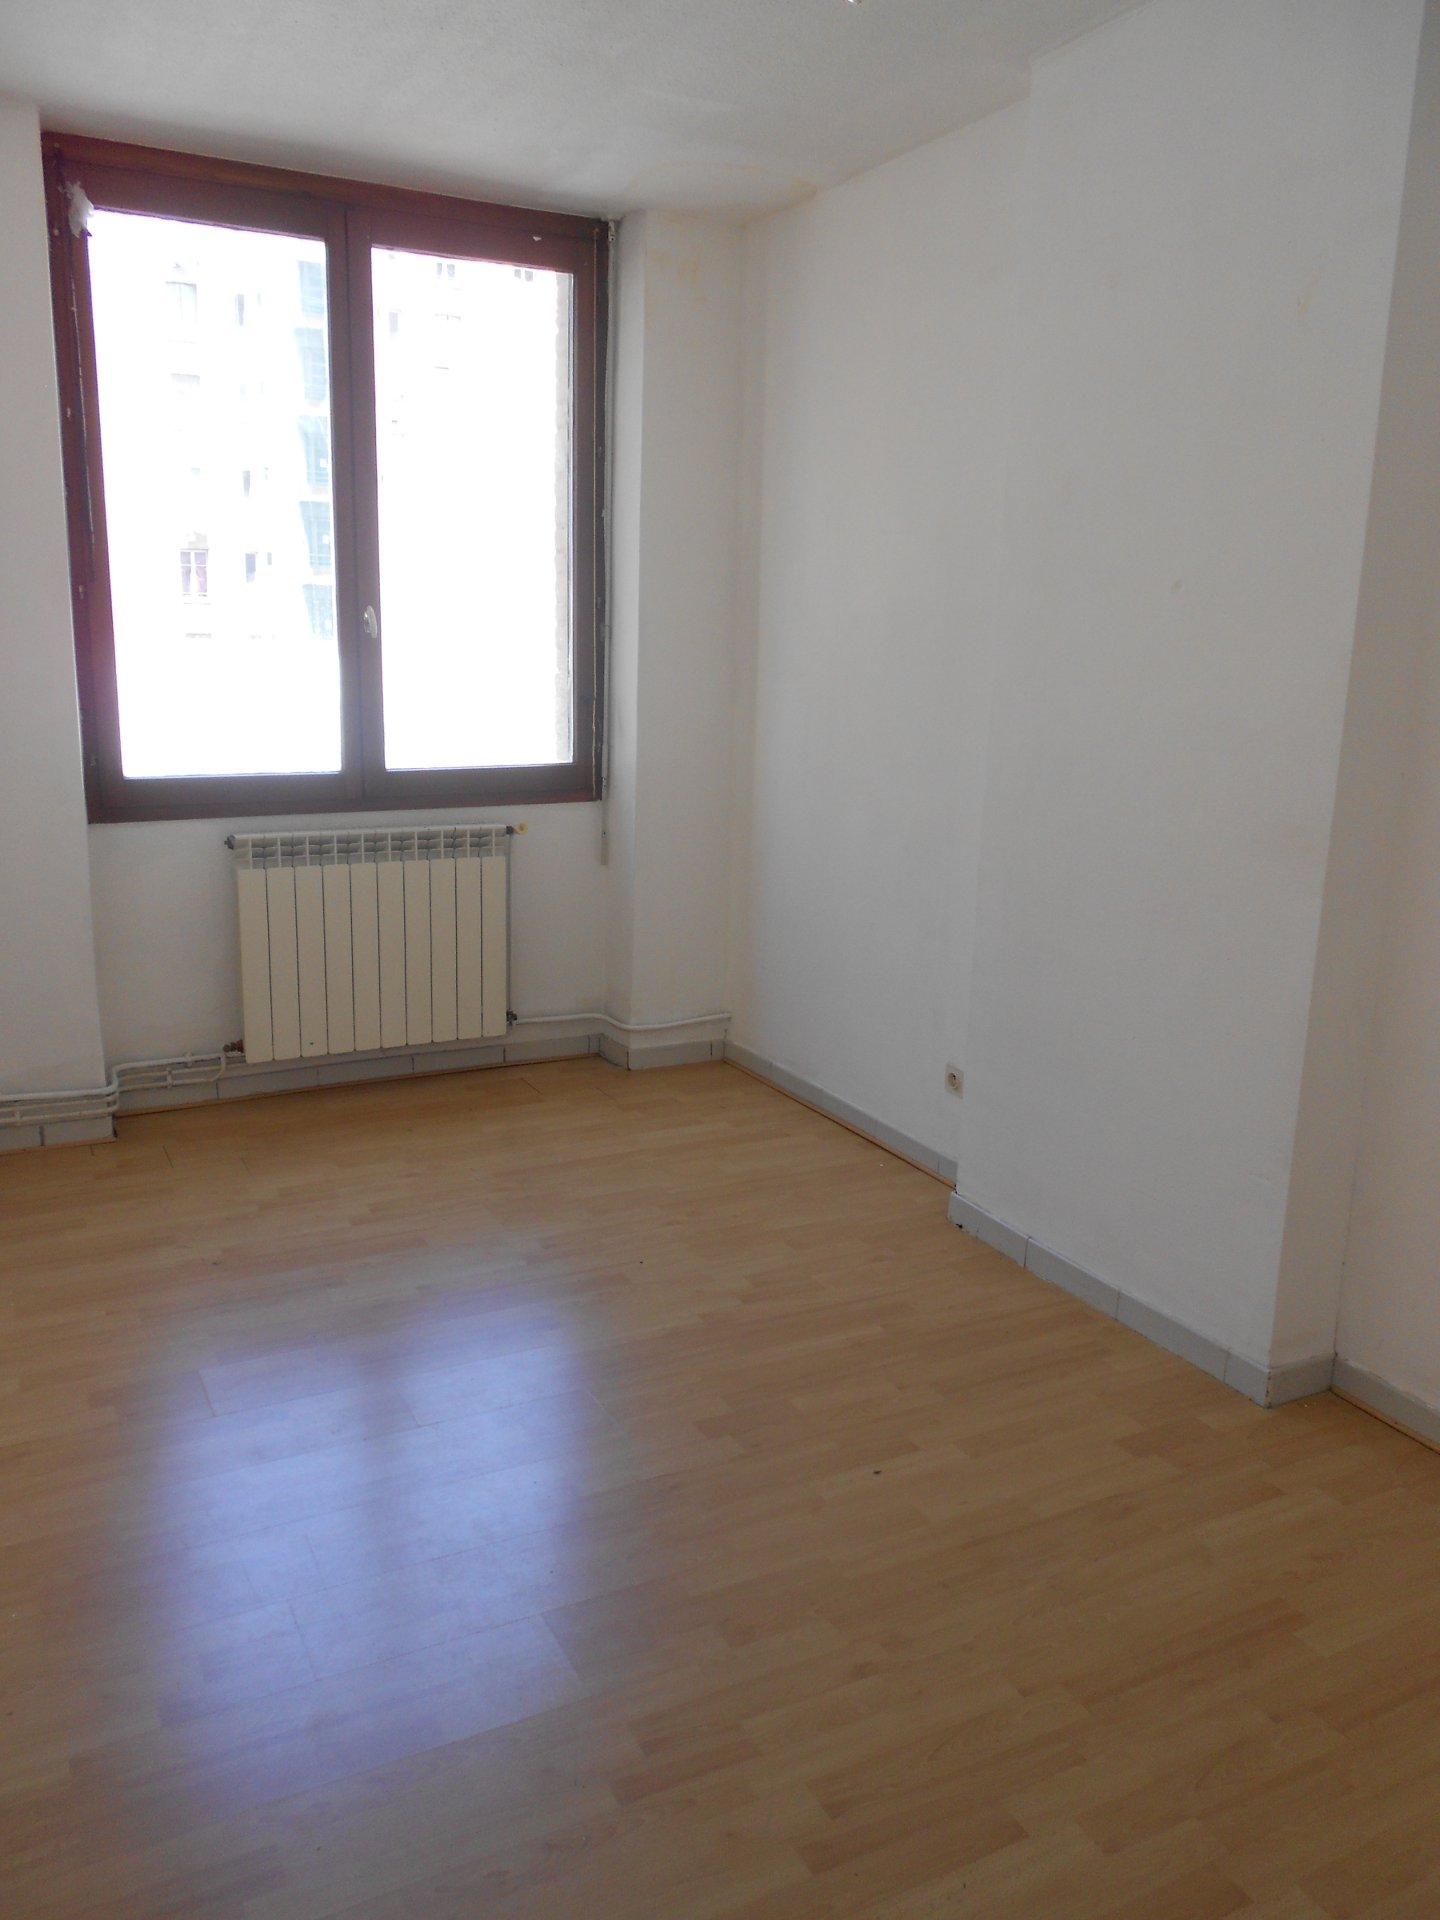 Appartement T3- Secteur Tréfilerie